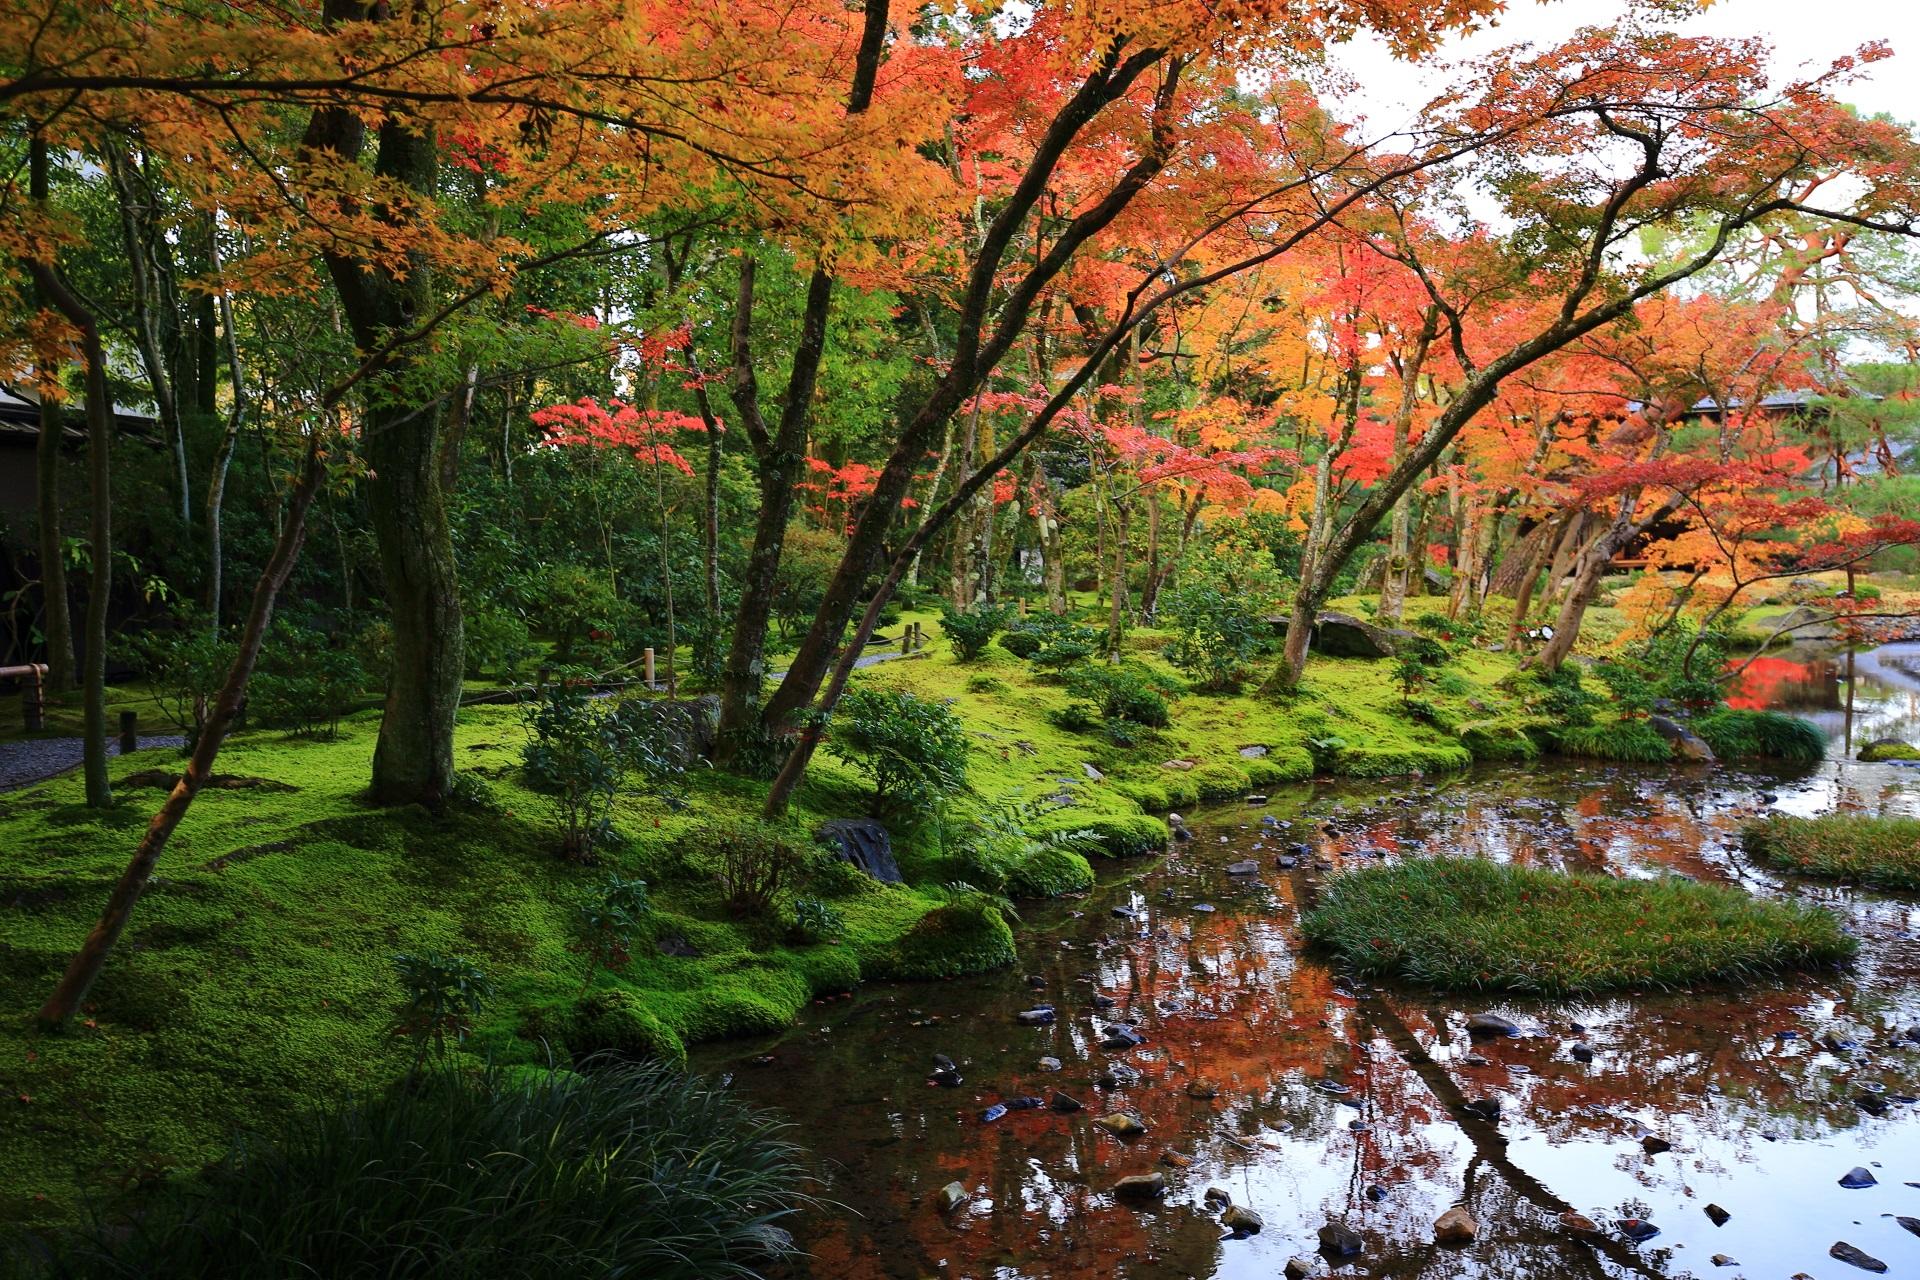 無鄰菴の水辺の鮮やかな紅葉と水鏡